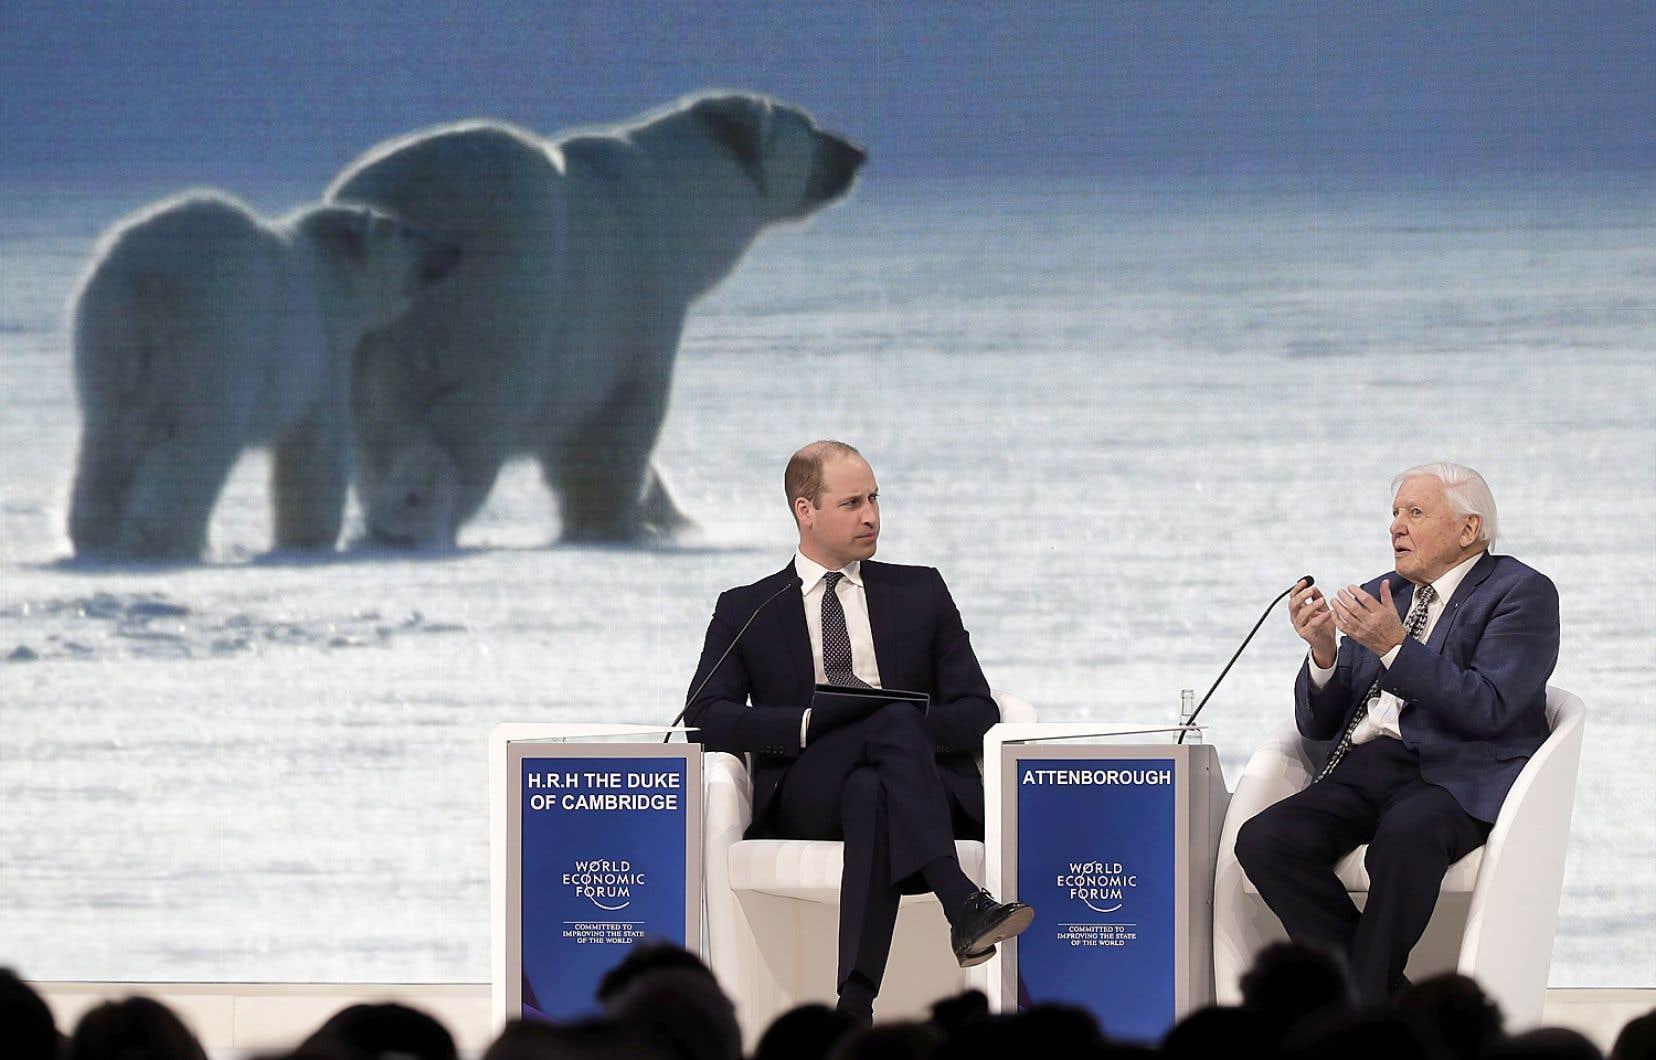 Cette année, la programmation du Forum de Davos fait la part belle à l'environnement. Ici, le naturaliste David Attenborough échange avec le prince William lors d'un panel.